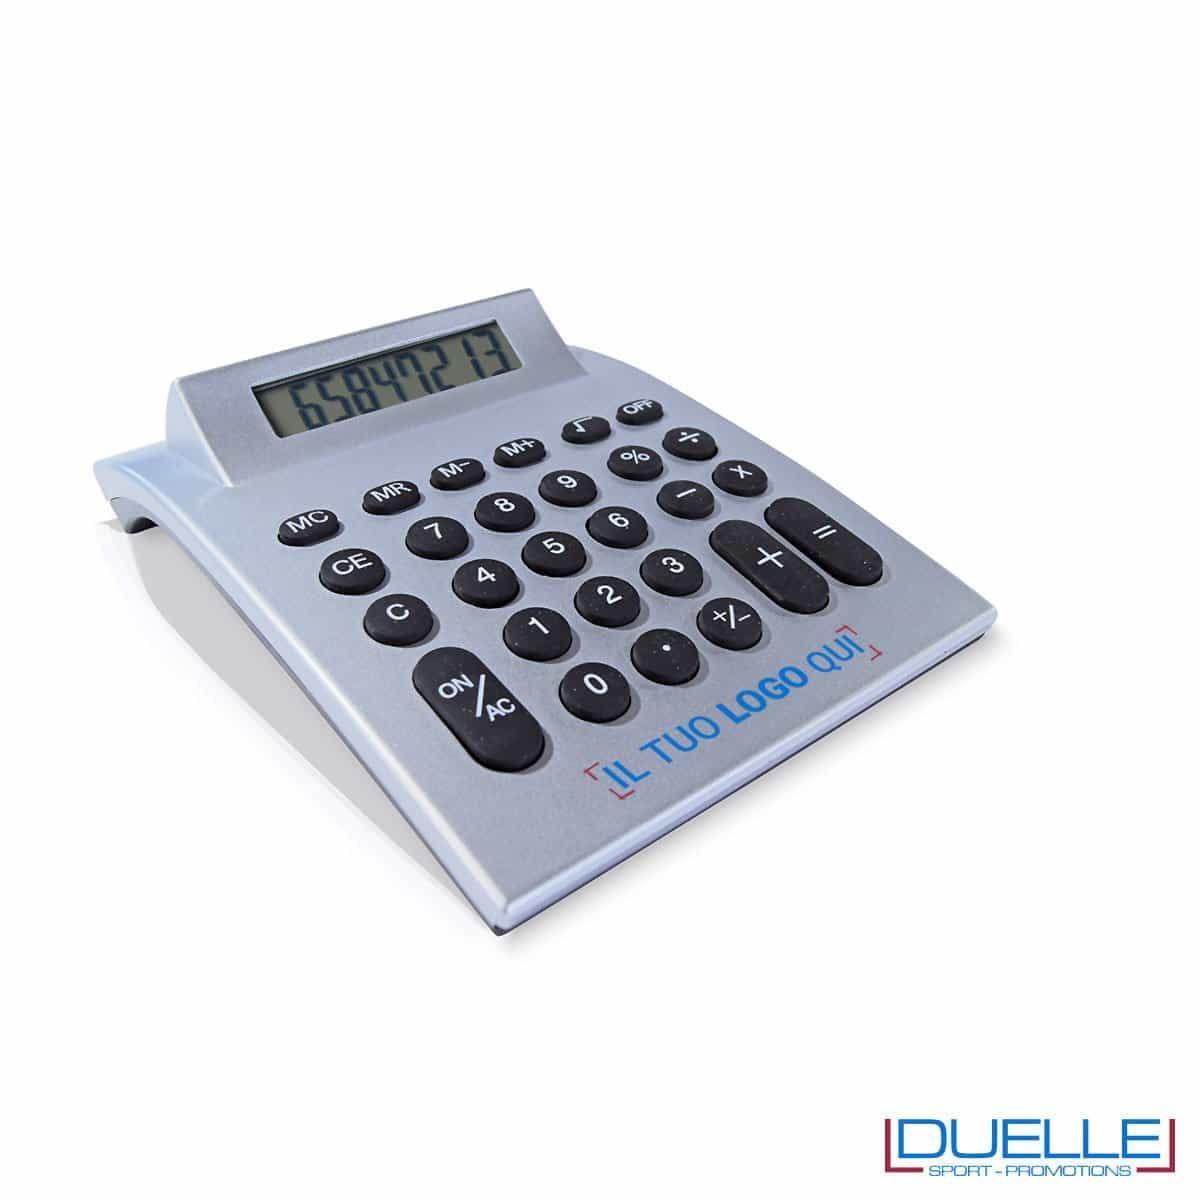 Calcolatrice personalizzata tasti gommati